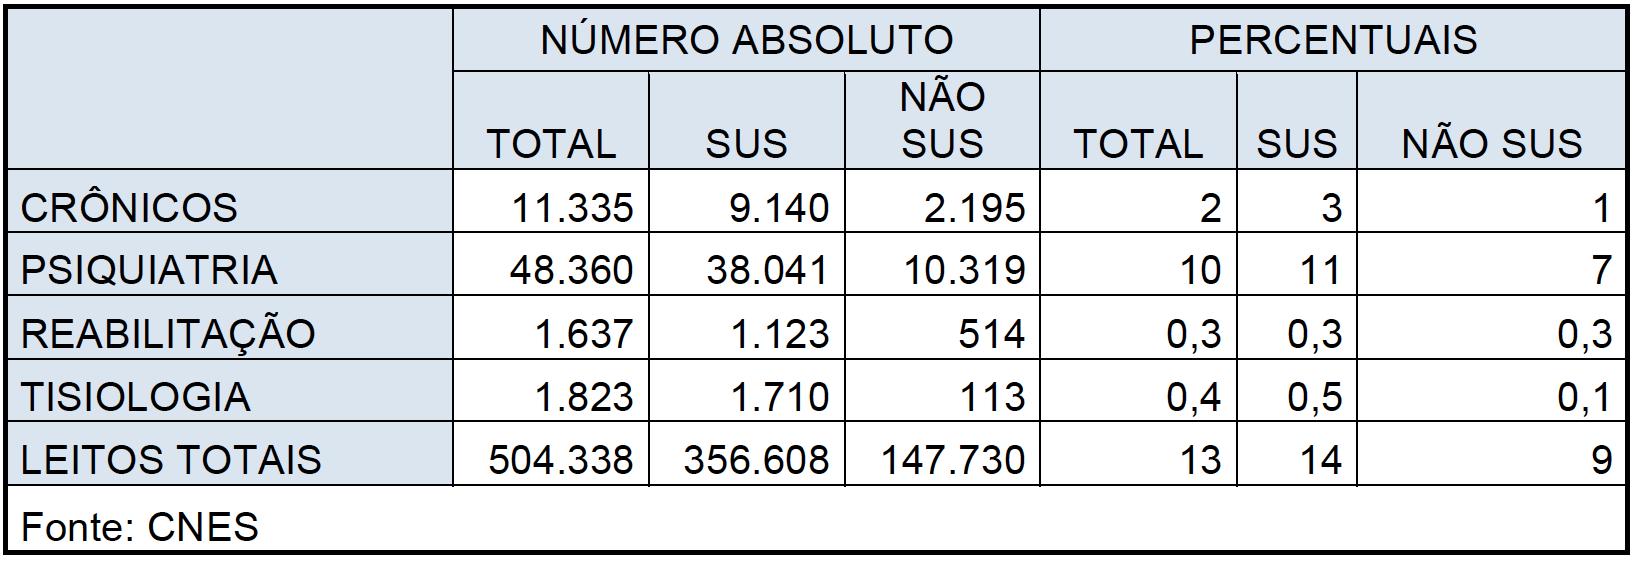 """Quadro 5 – Números absolutos e percentuais de leitos crônicos, psiquiatria, reabilitação e tisiologia, agrupados como """"outros"""" no CNES, Brasil, 2011."""